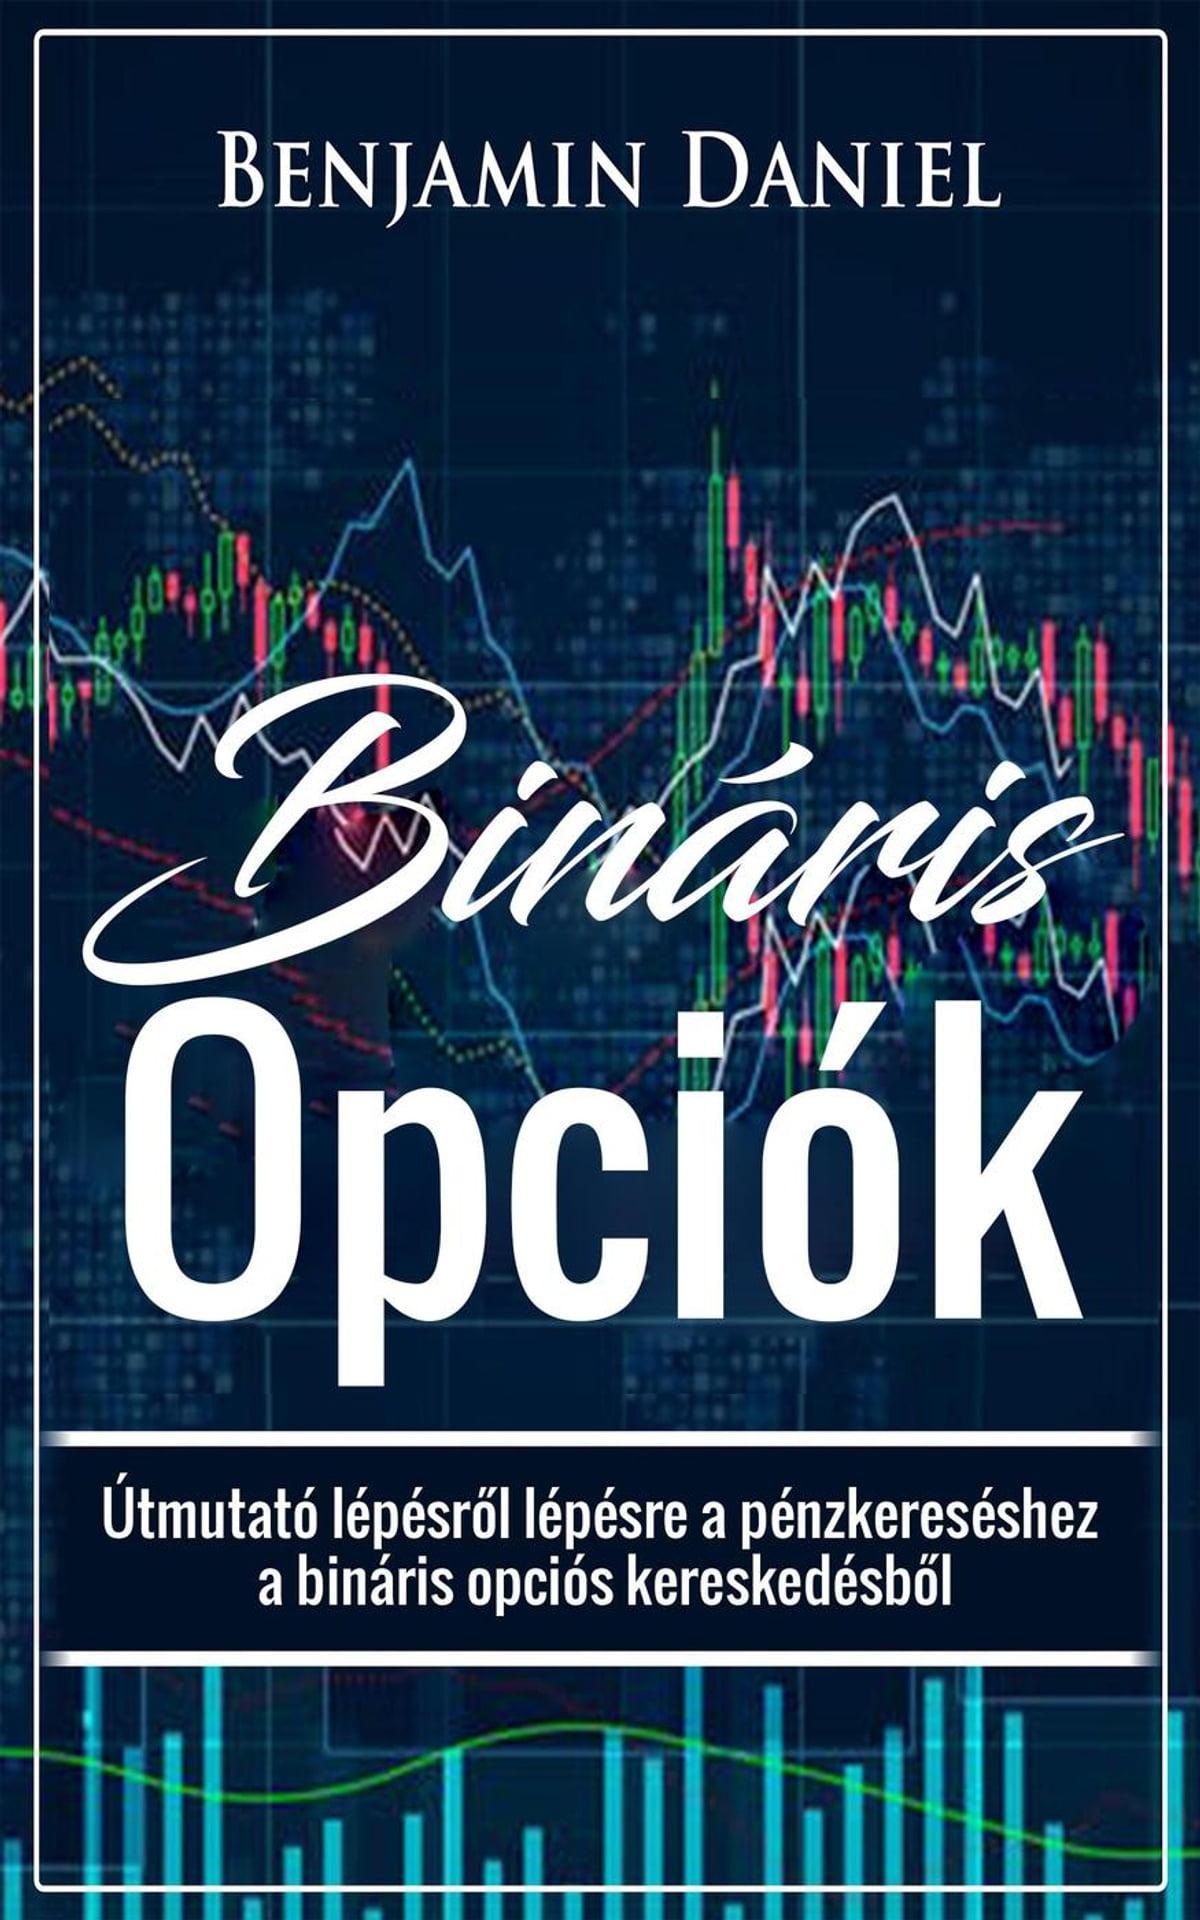 bináris opciós kereskedési rendszer 60 másodperces nyereség kinek kell panaszkodnia a bináris opciókról